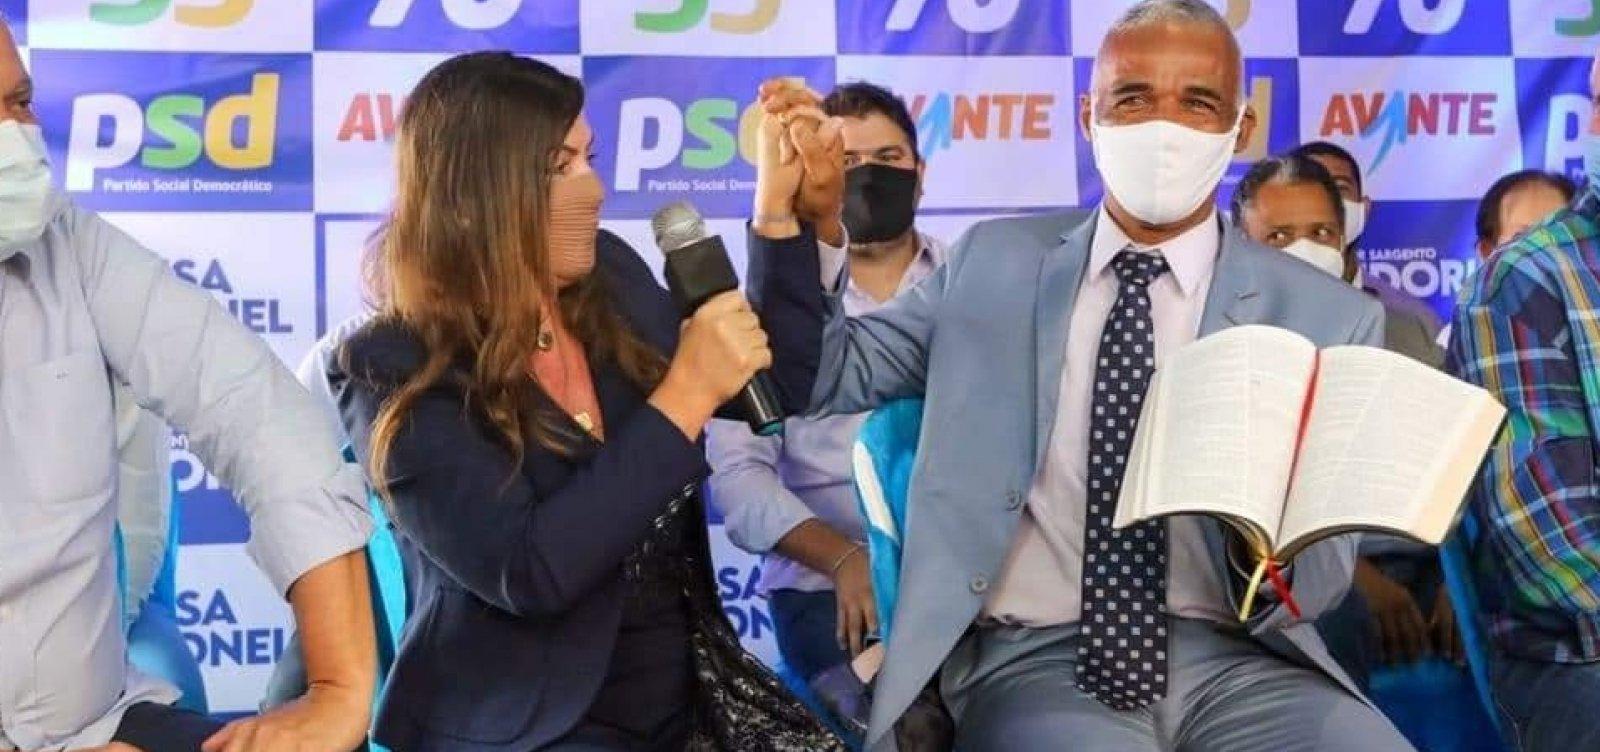 [Sargento Isidório é o primeiro candidato oficializado à Prefeitura de Salvador]